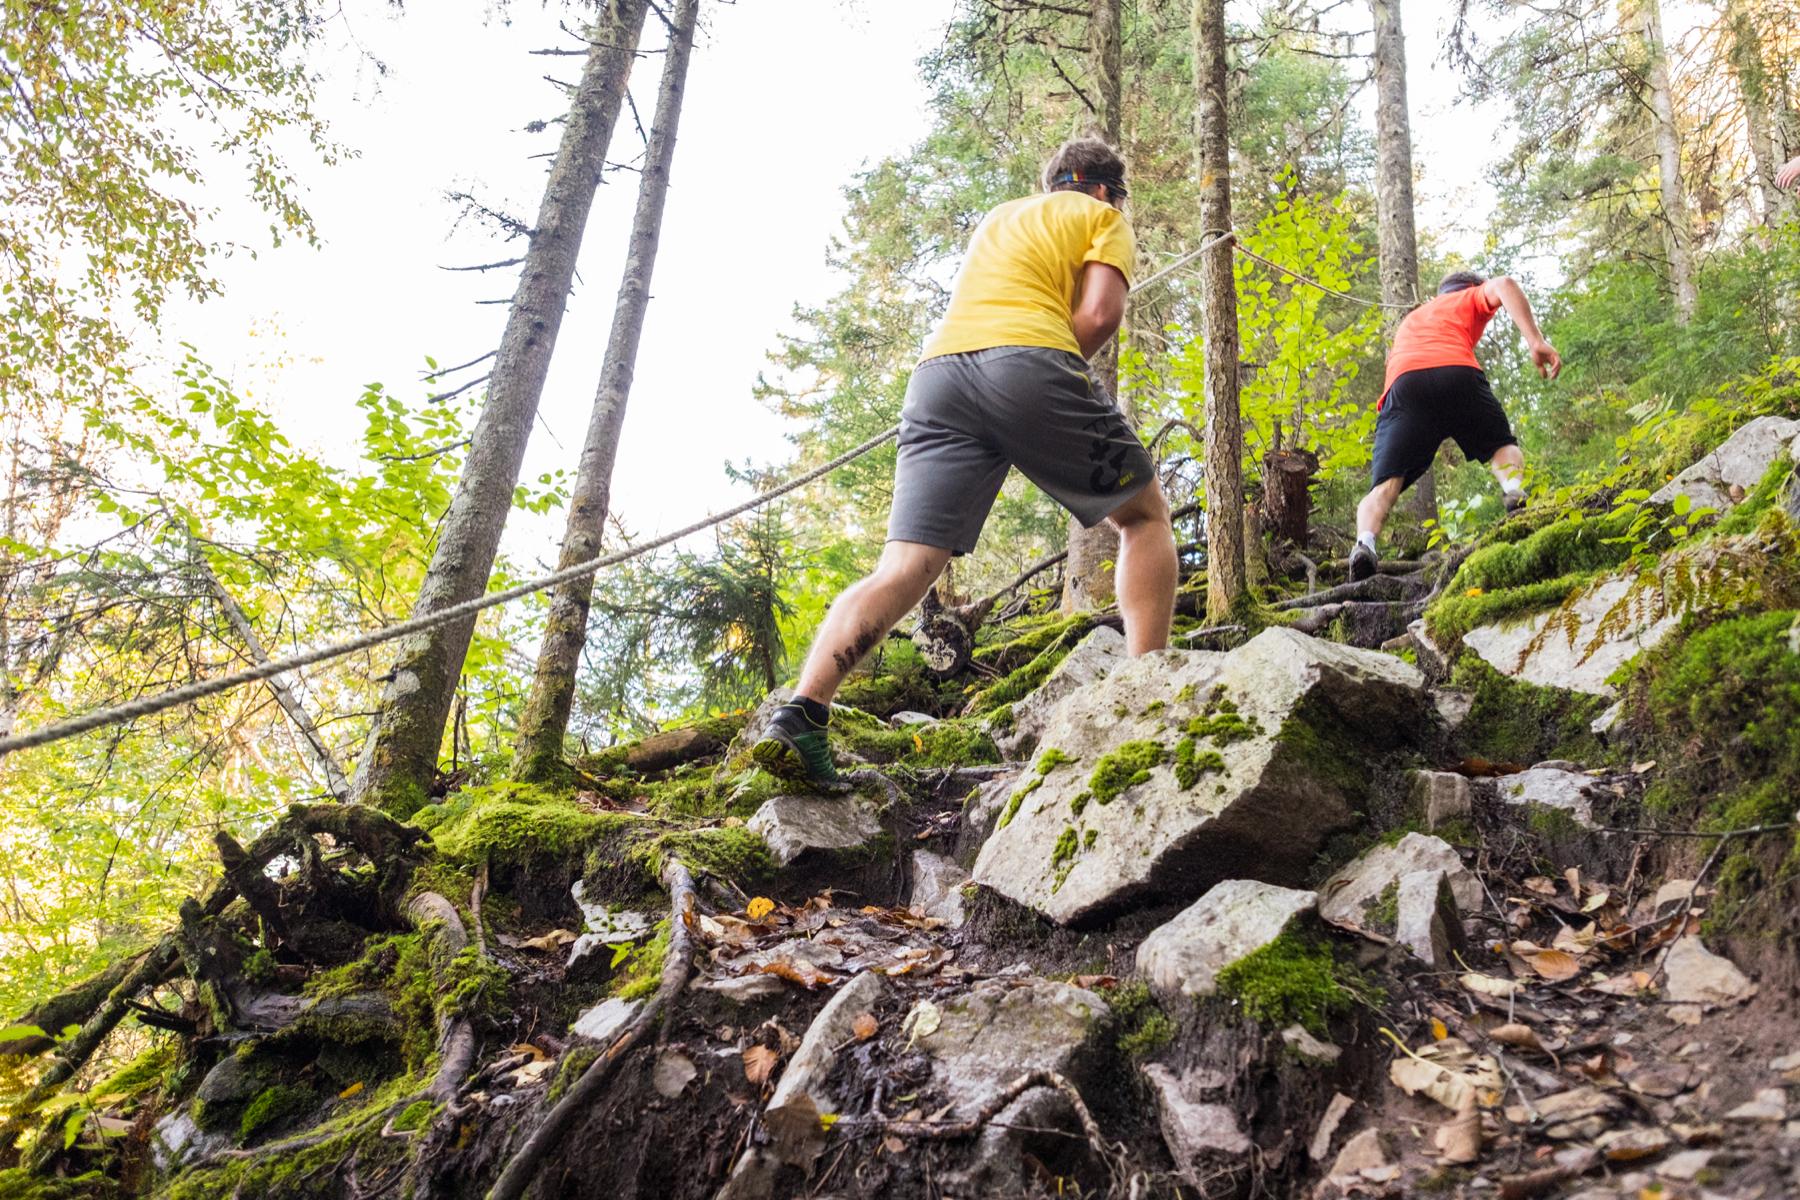 parc-montagne-du-diable-activités-été-randonnee-010